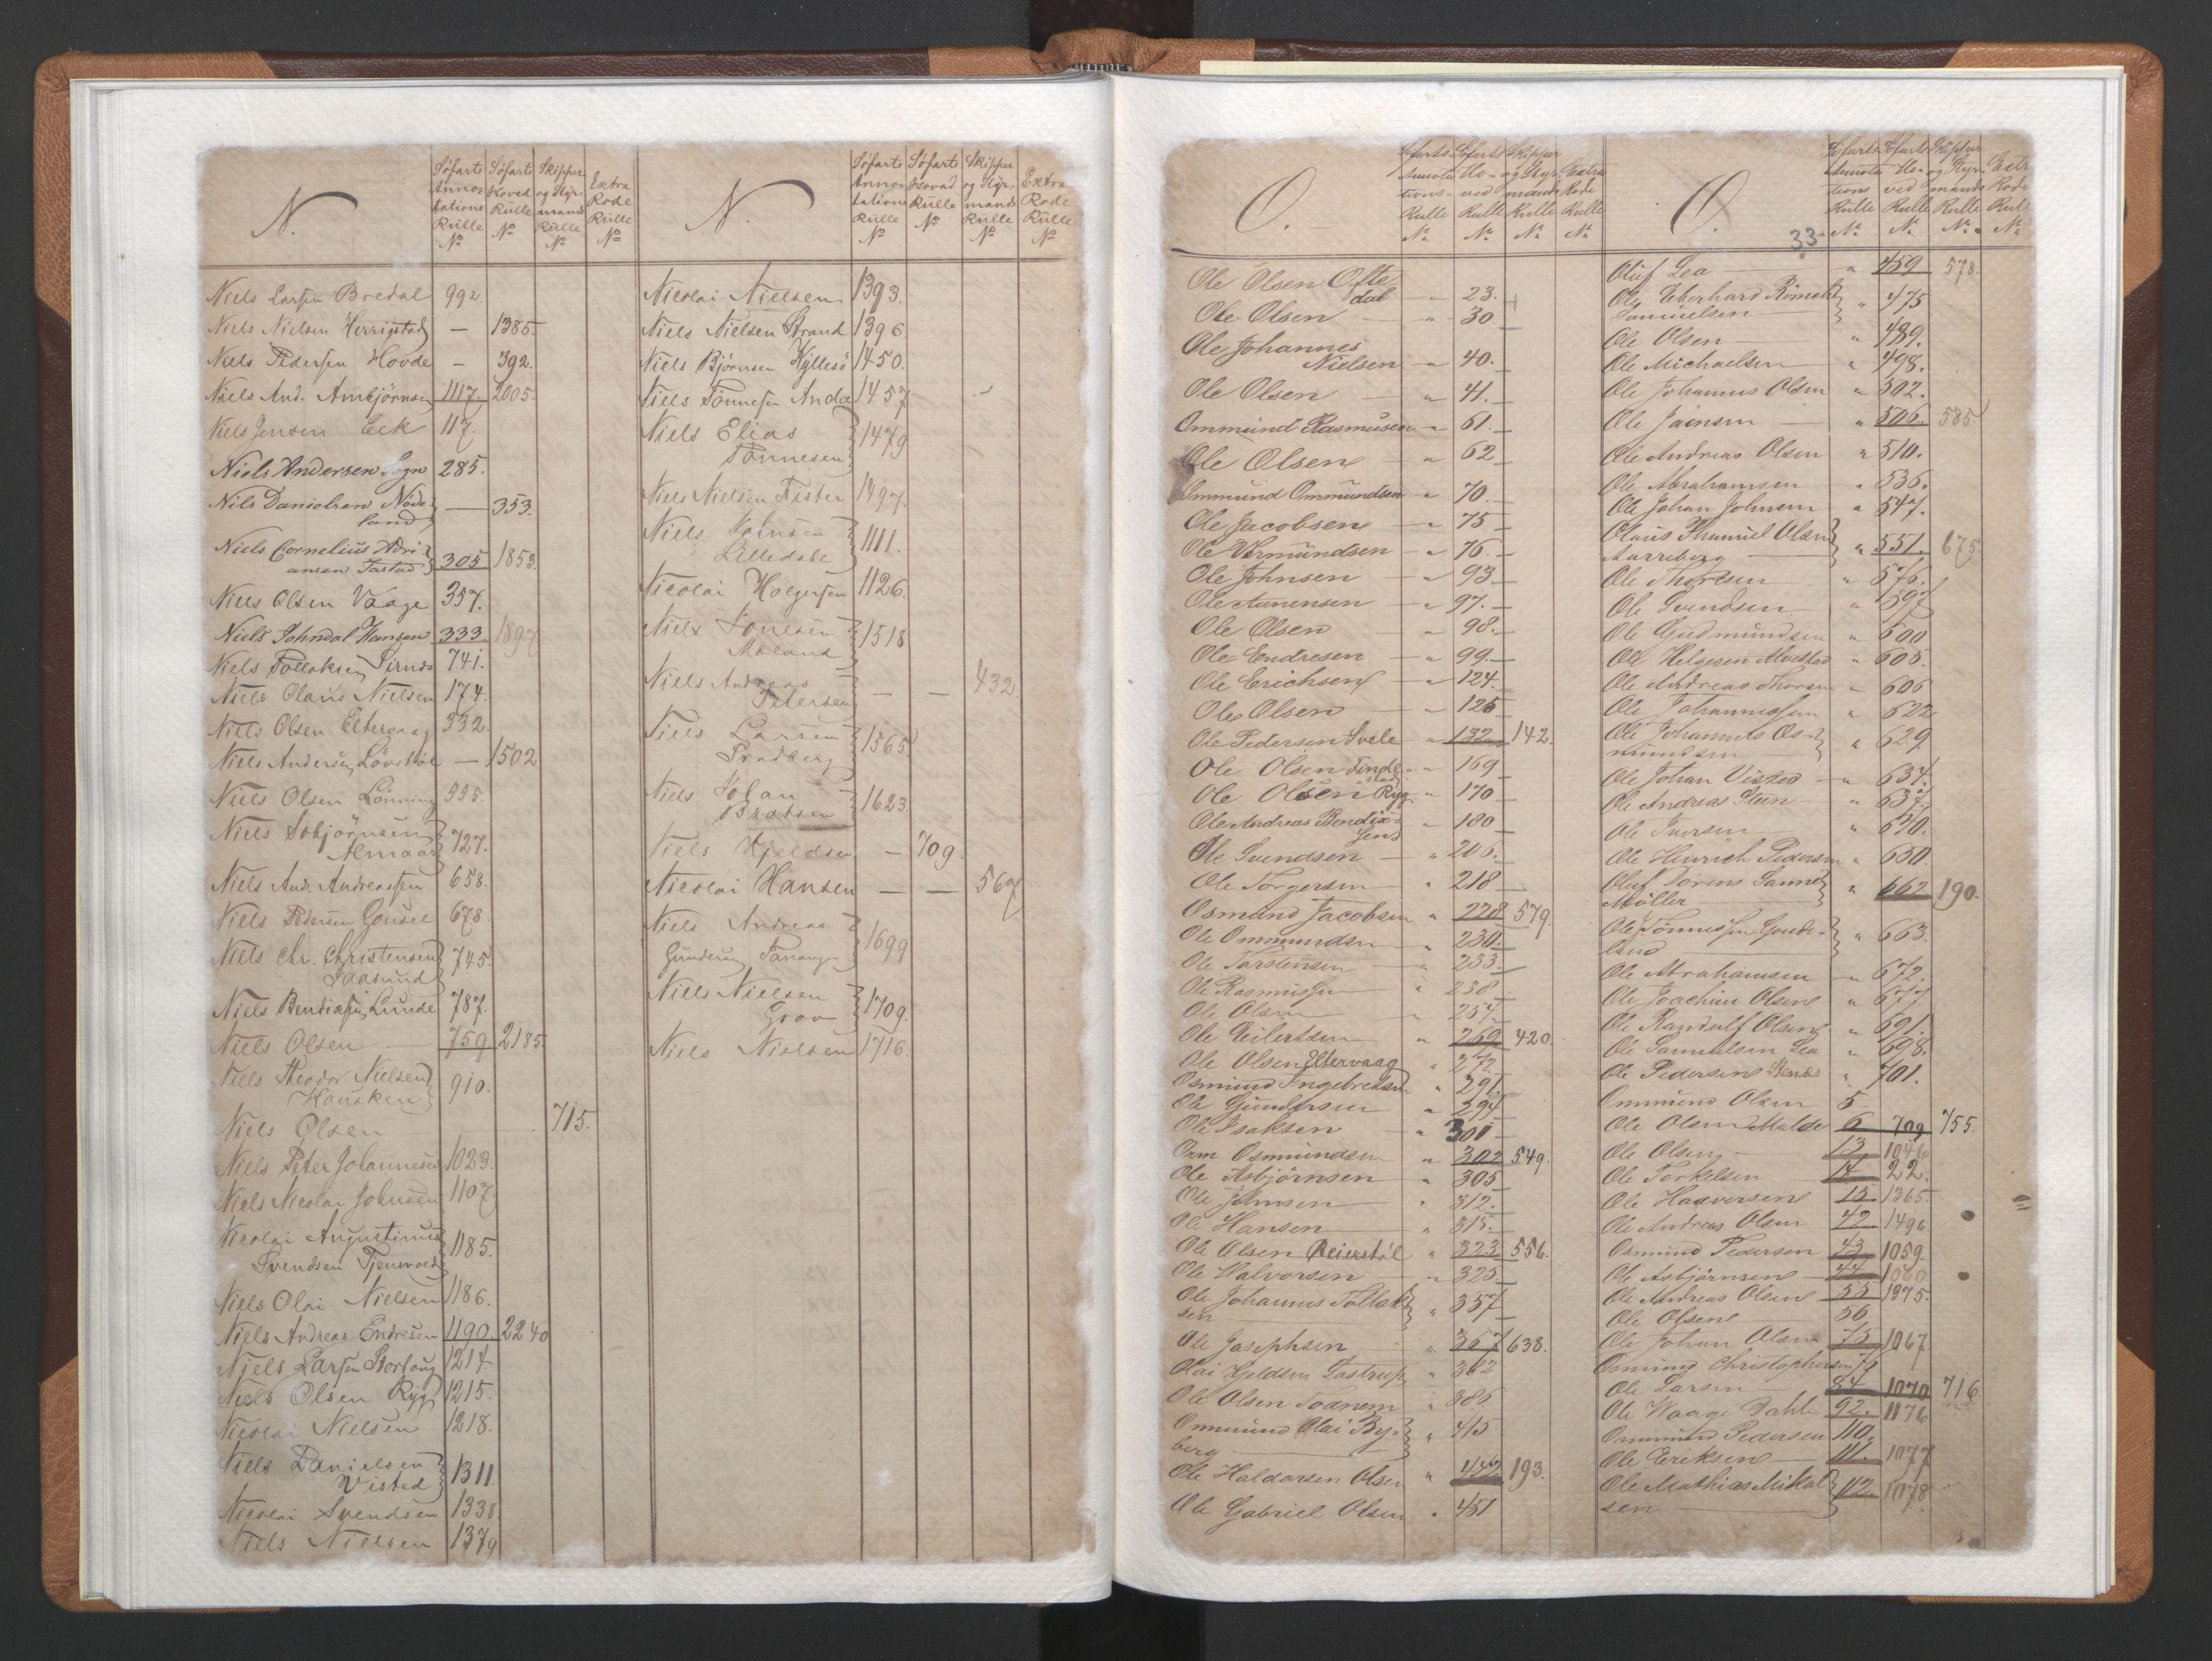 SAST, Stavanger sjømannskontor, F/Fb/Fba/L0002: Navneregister sjøfartsruller, 1860-1869, s. 34